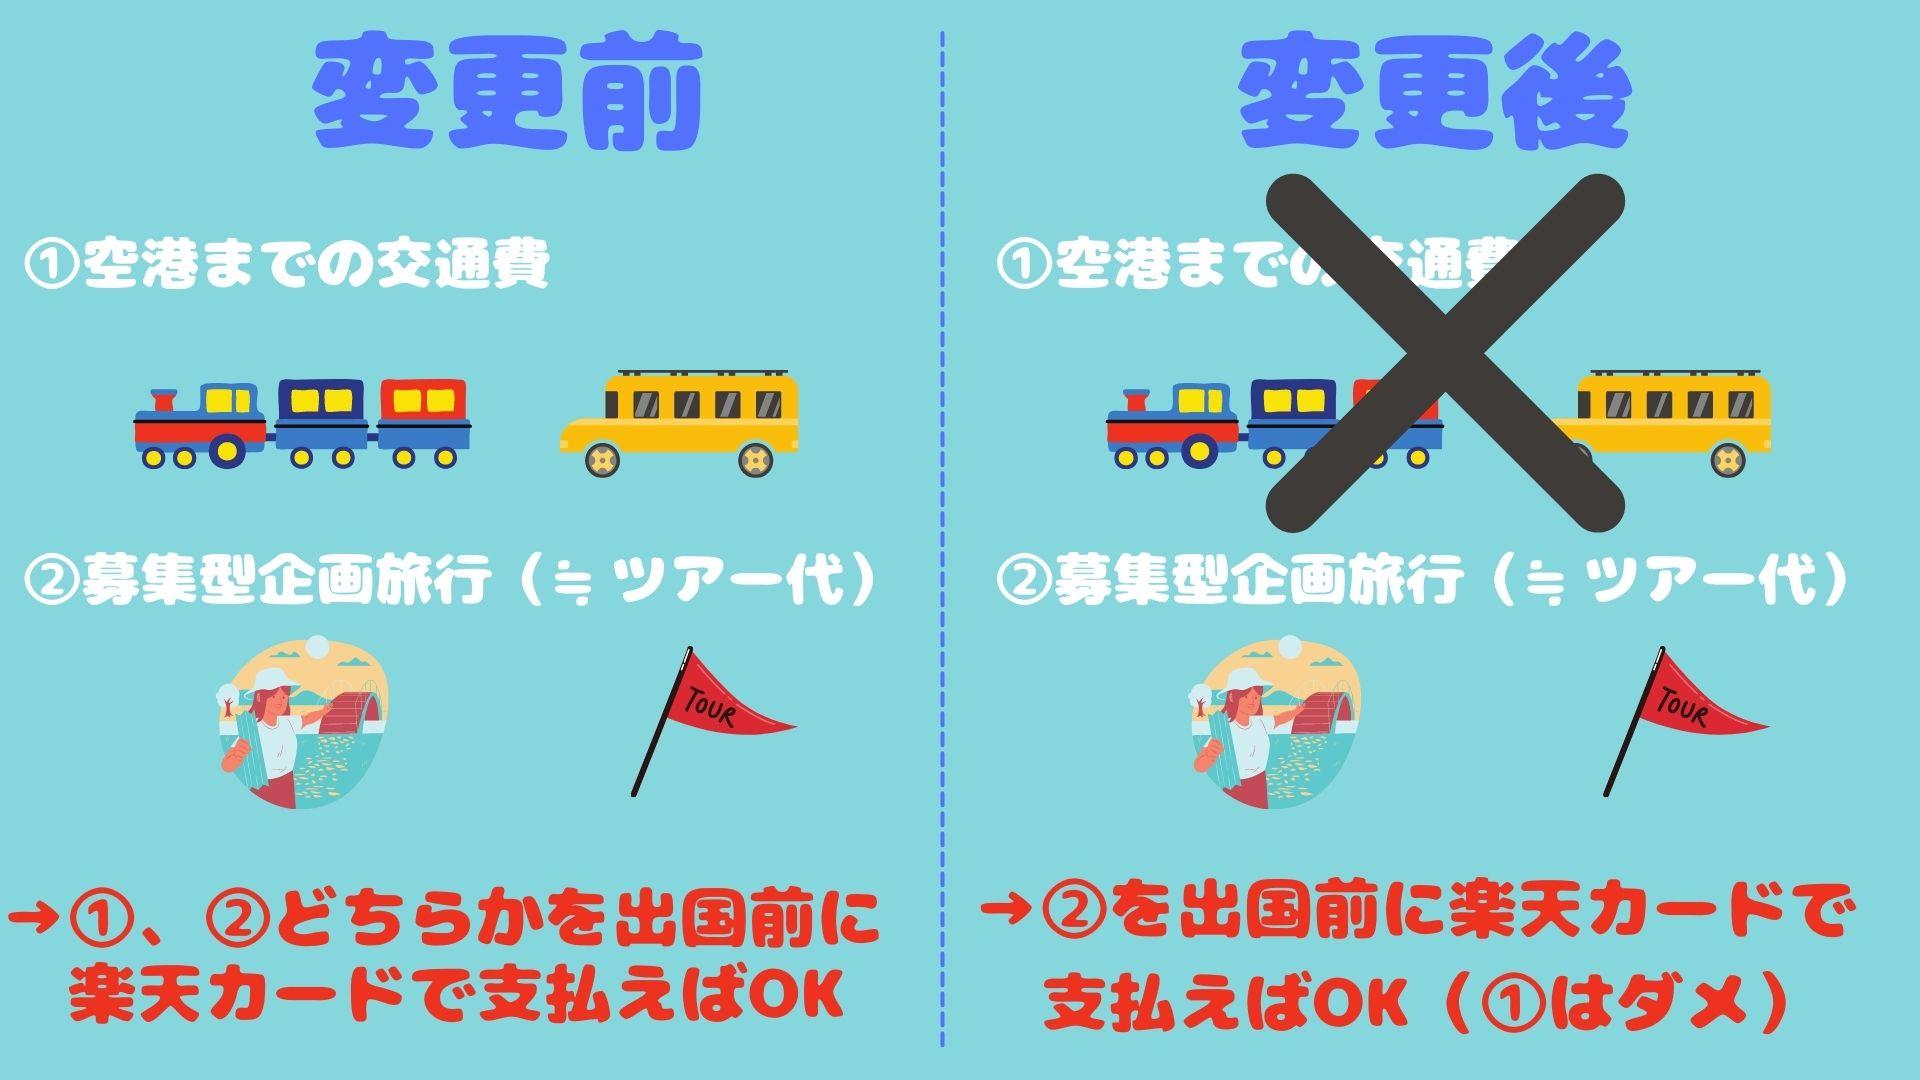 【6枚厳選】楽天カードの海外旅行保険改悪に負けない、おすすめクレカ